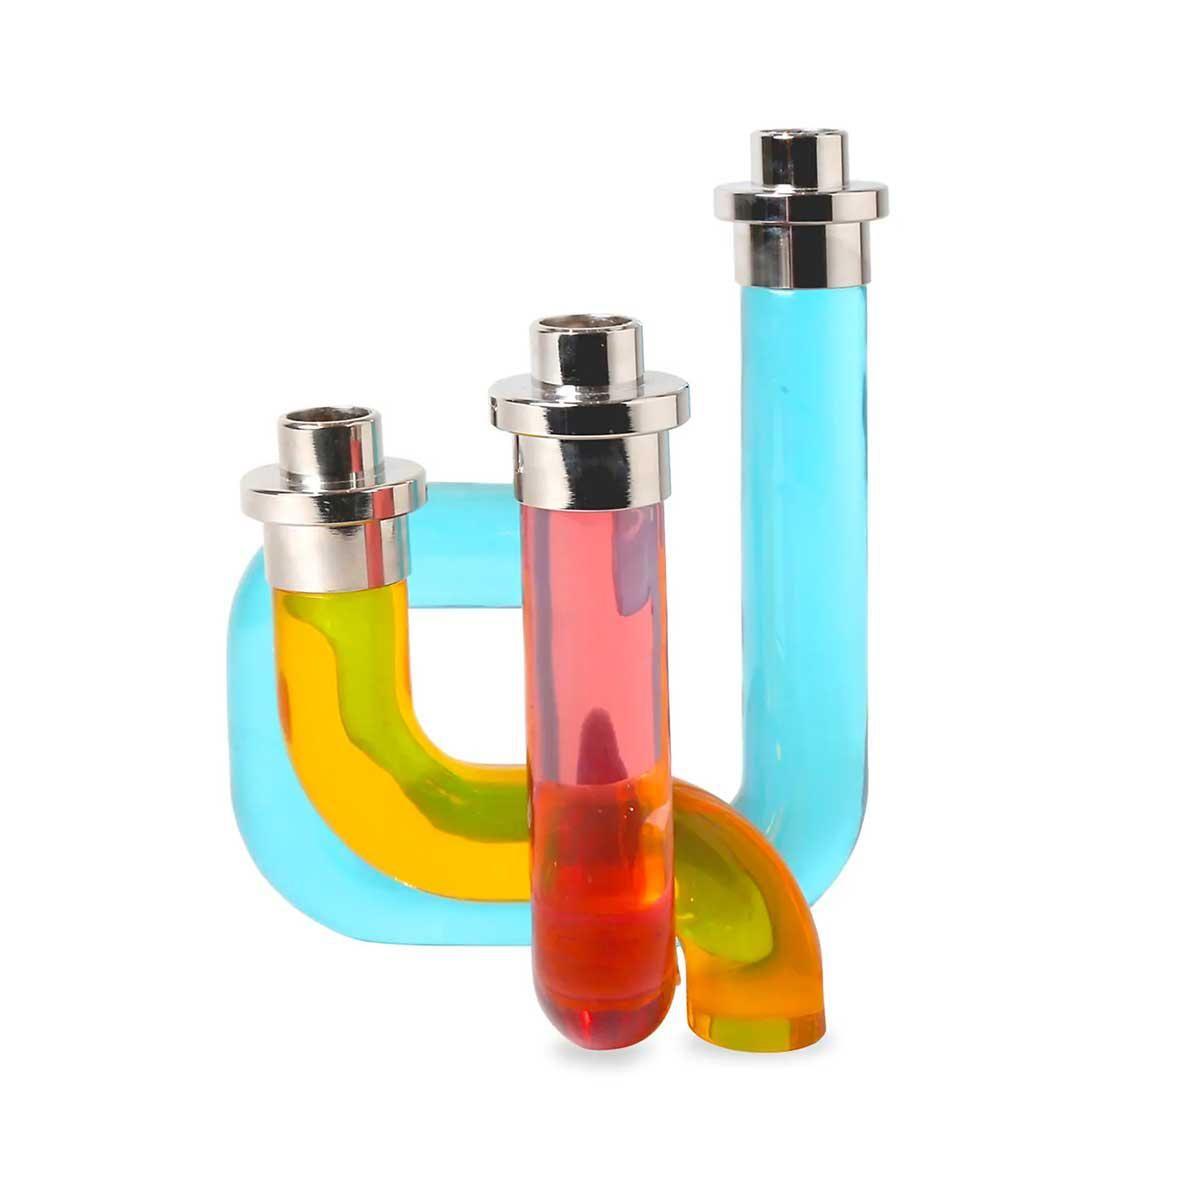 jonathan adler pompidou acrylic candle holder